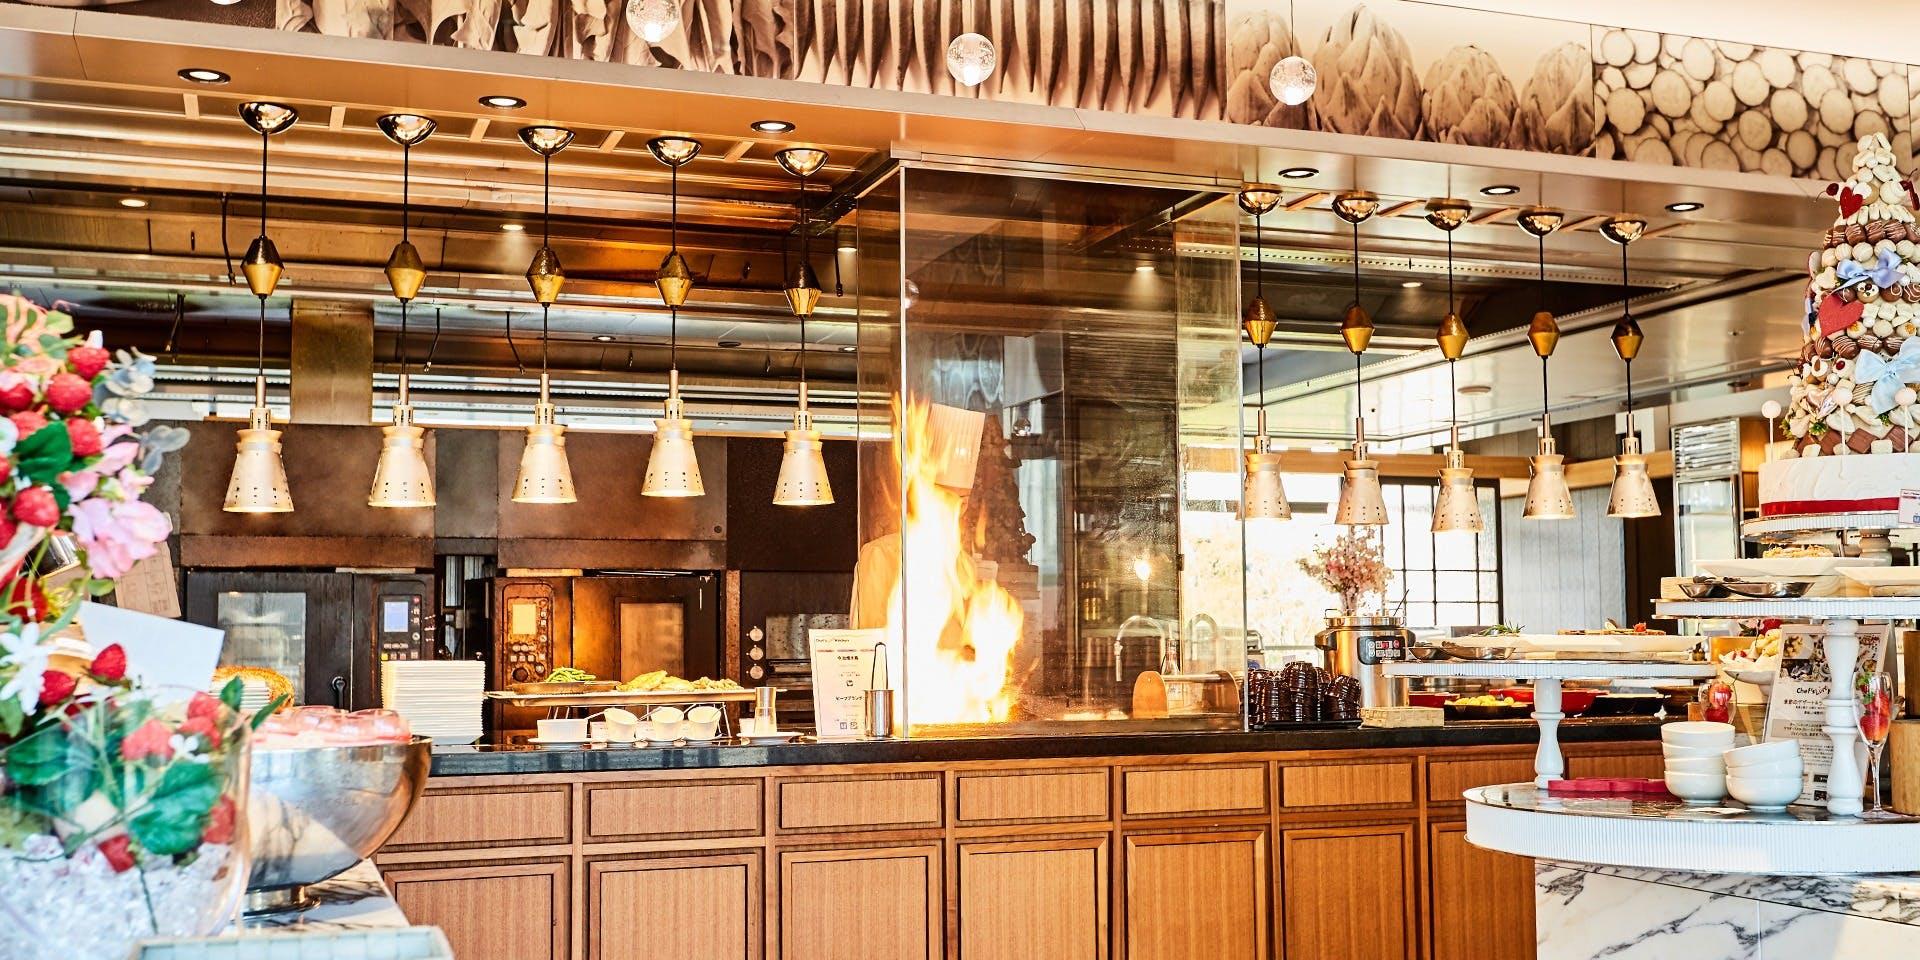 記念日におすすめのレストラン・シェフズ ライブ キッチン/ストリングスホテル 名古屋の写真1